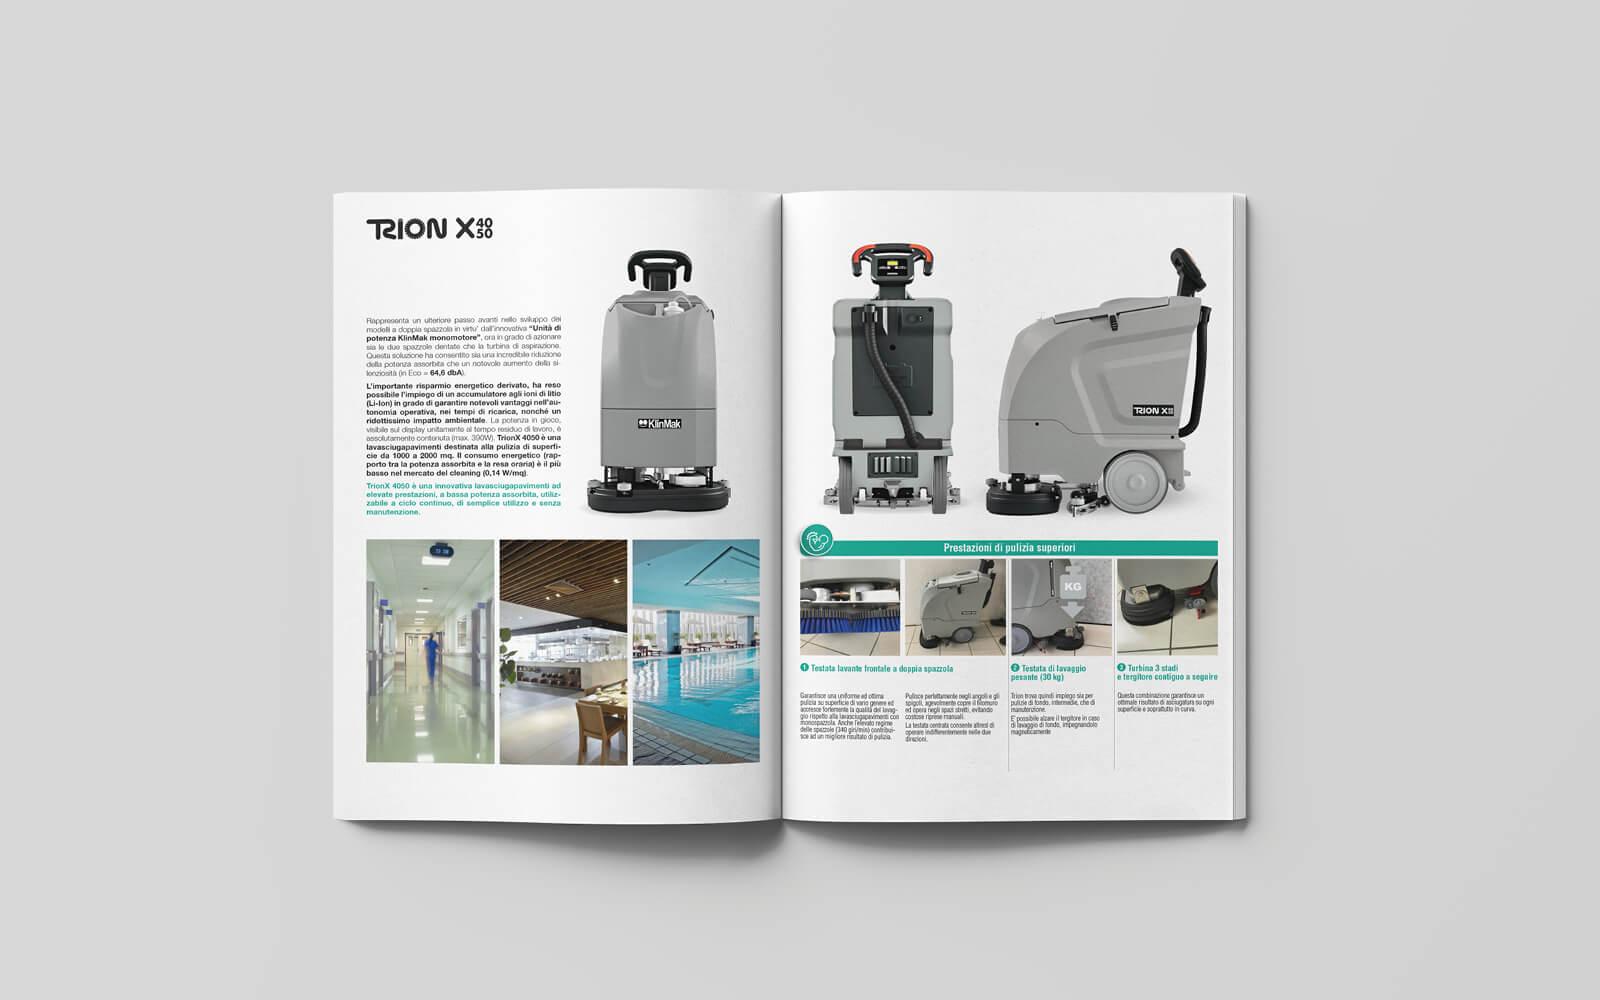 catalogo klin mak, dettaglio pagine interne, progetto studio grafico diade arco di trento